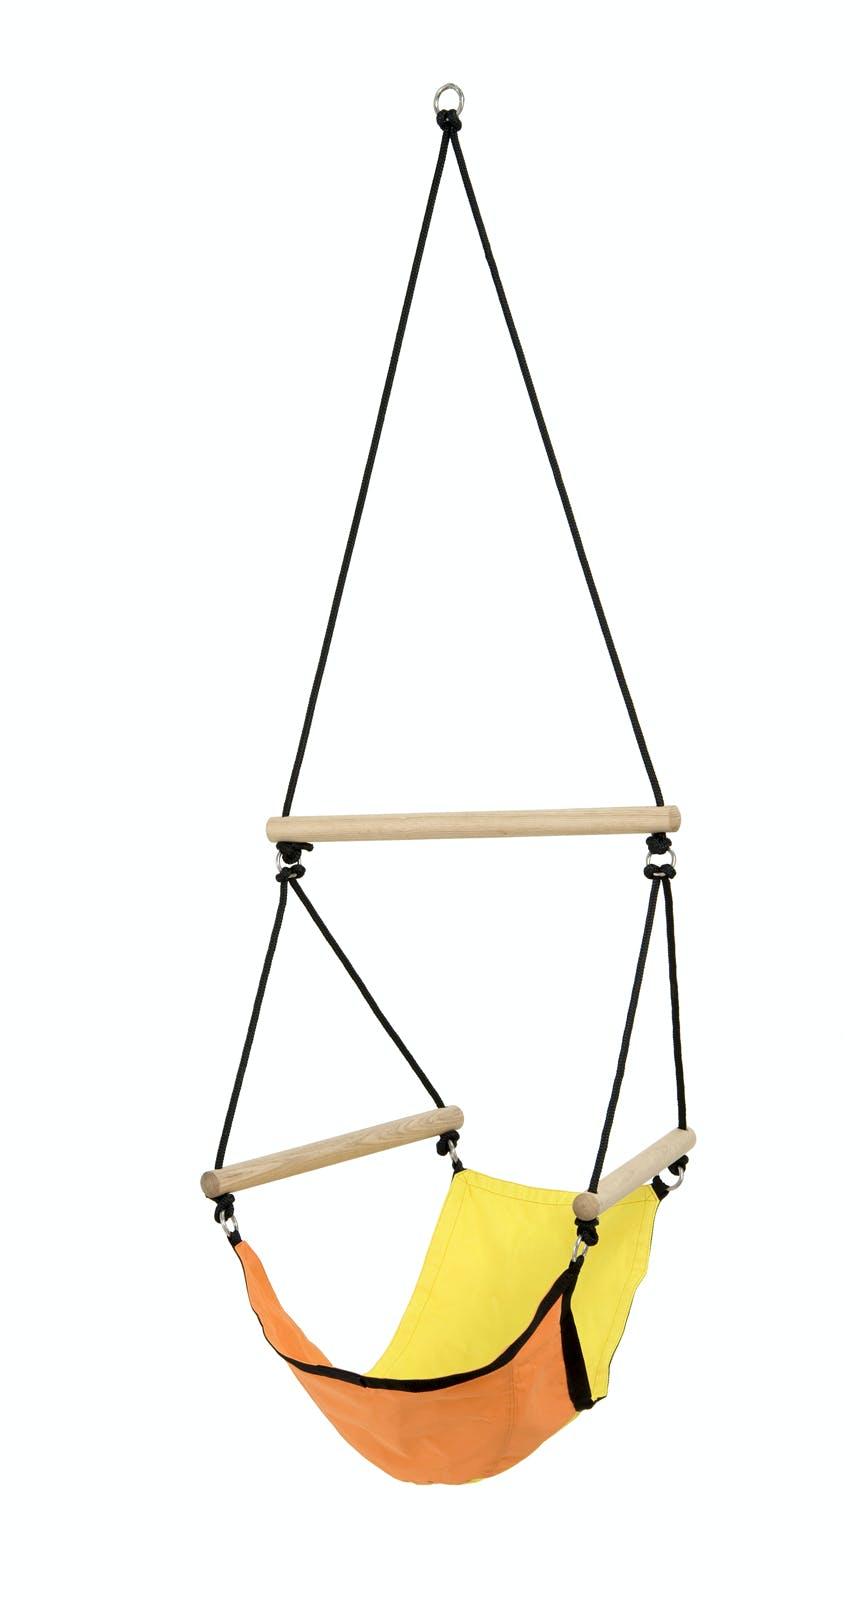 Hamac Fauteuil suspendu pour enfant Kids Swinger Yellow jaune S AMAZONAS